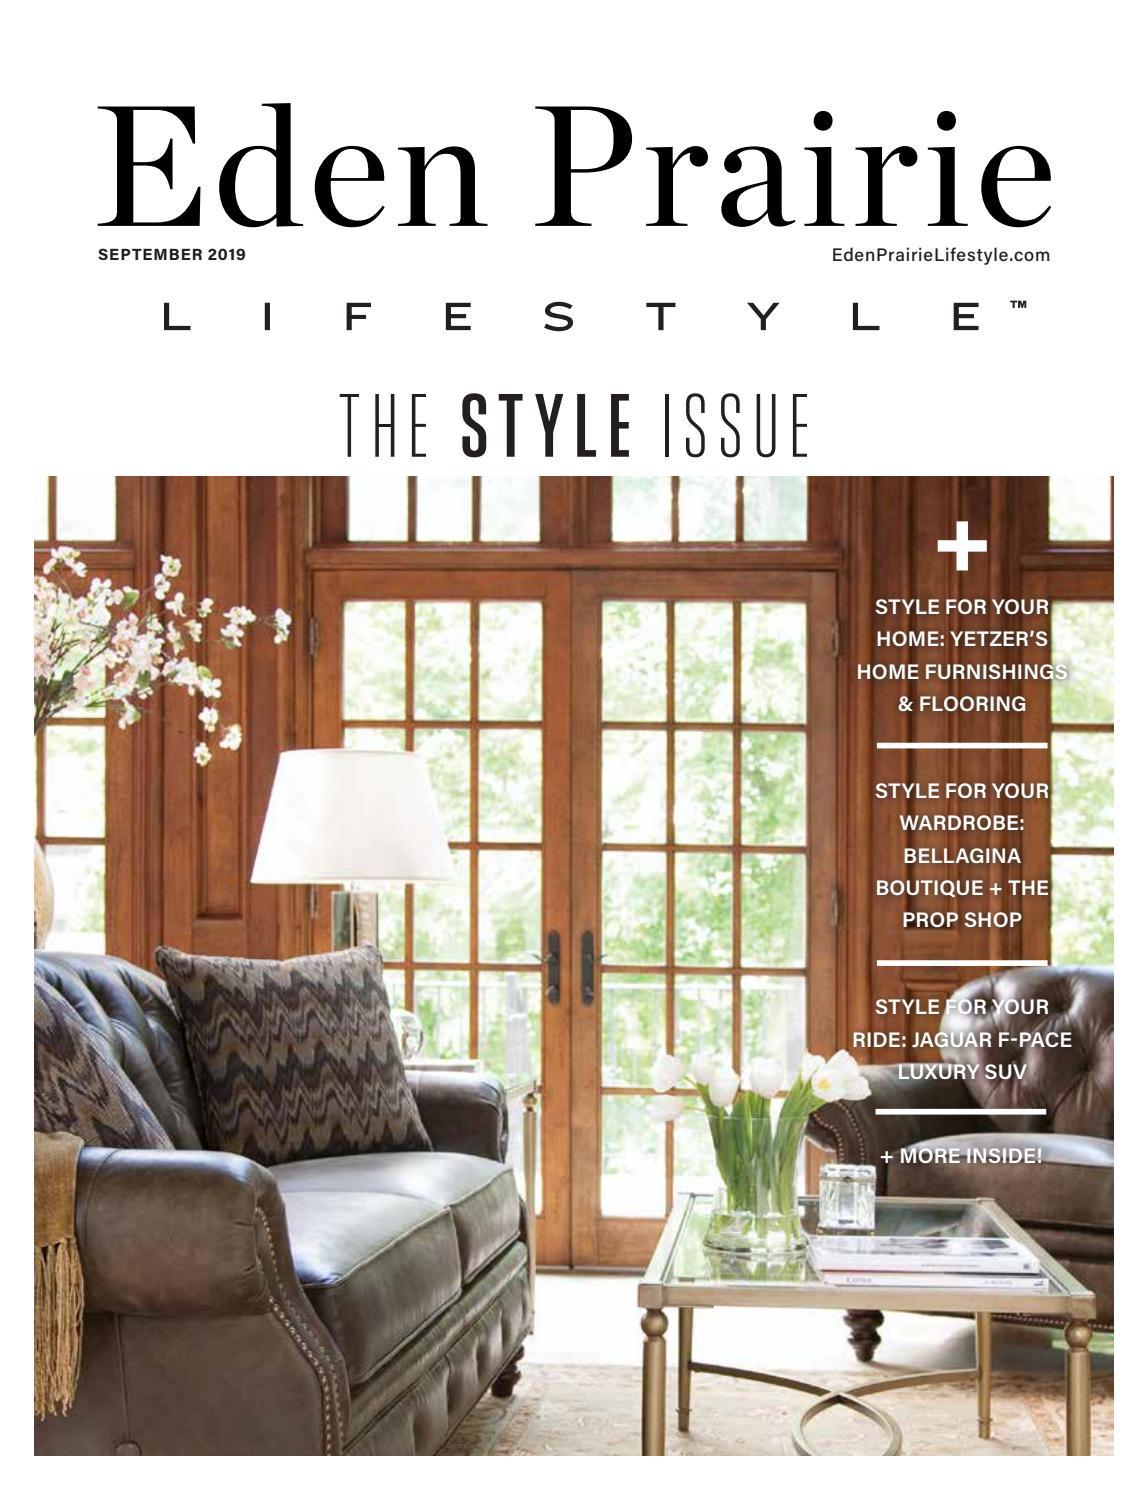 Eden Prairie Mn September 2019 By